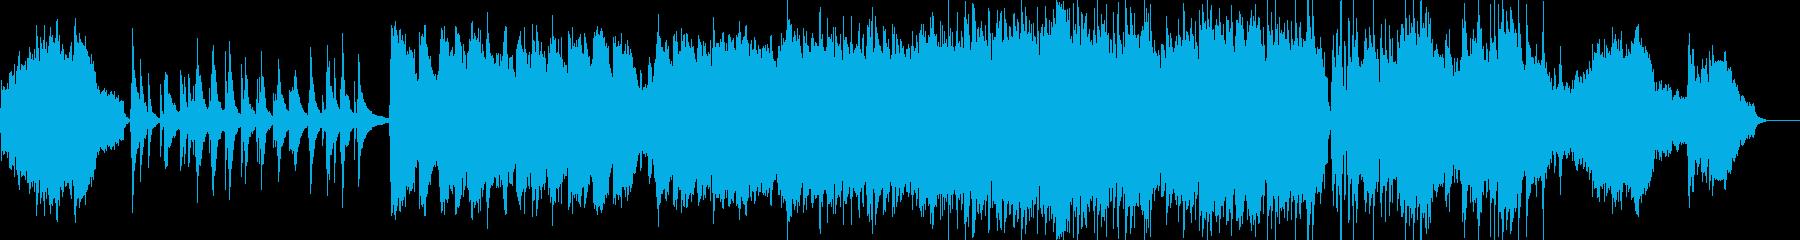 壮大で感動的なストリングスによるBGMの再生済みの波形